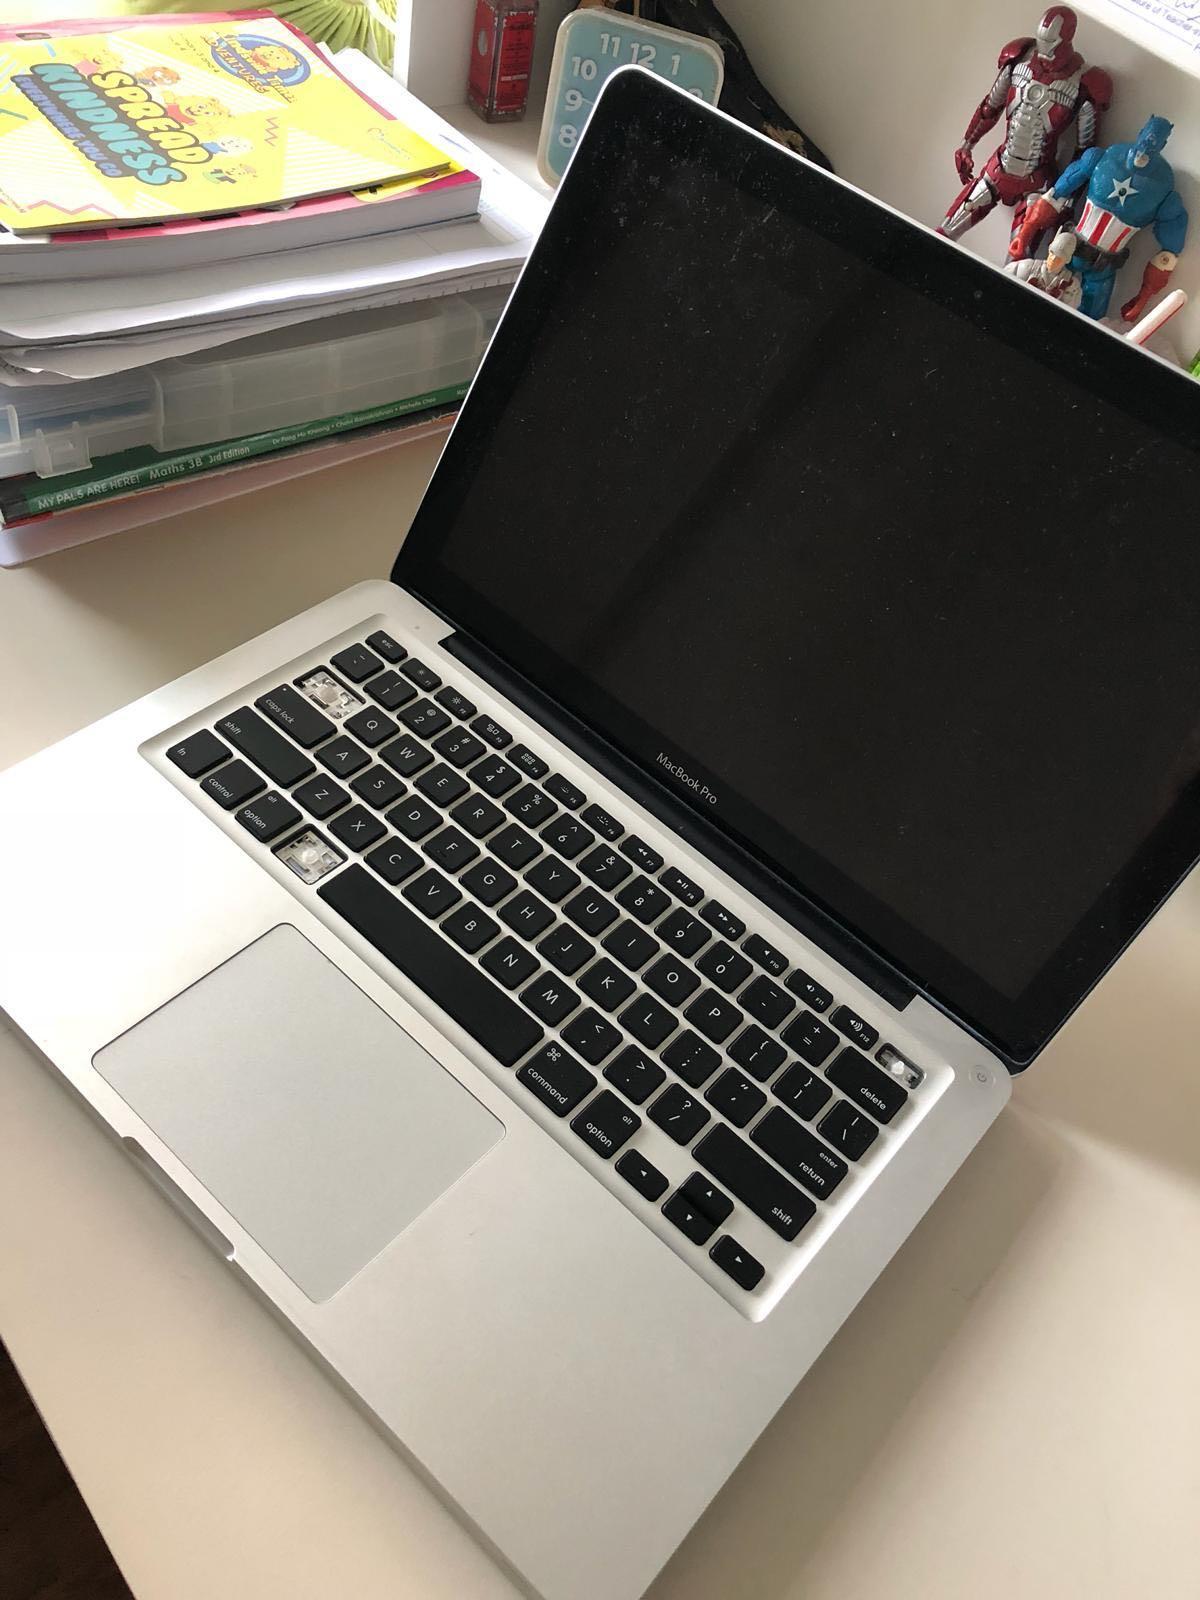 We take in buy in New,used,spoilt,faulty,locked macbook retina,macbook pro MacBook Air & imac